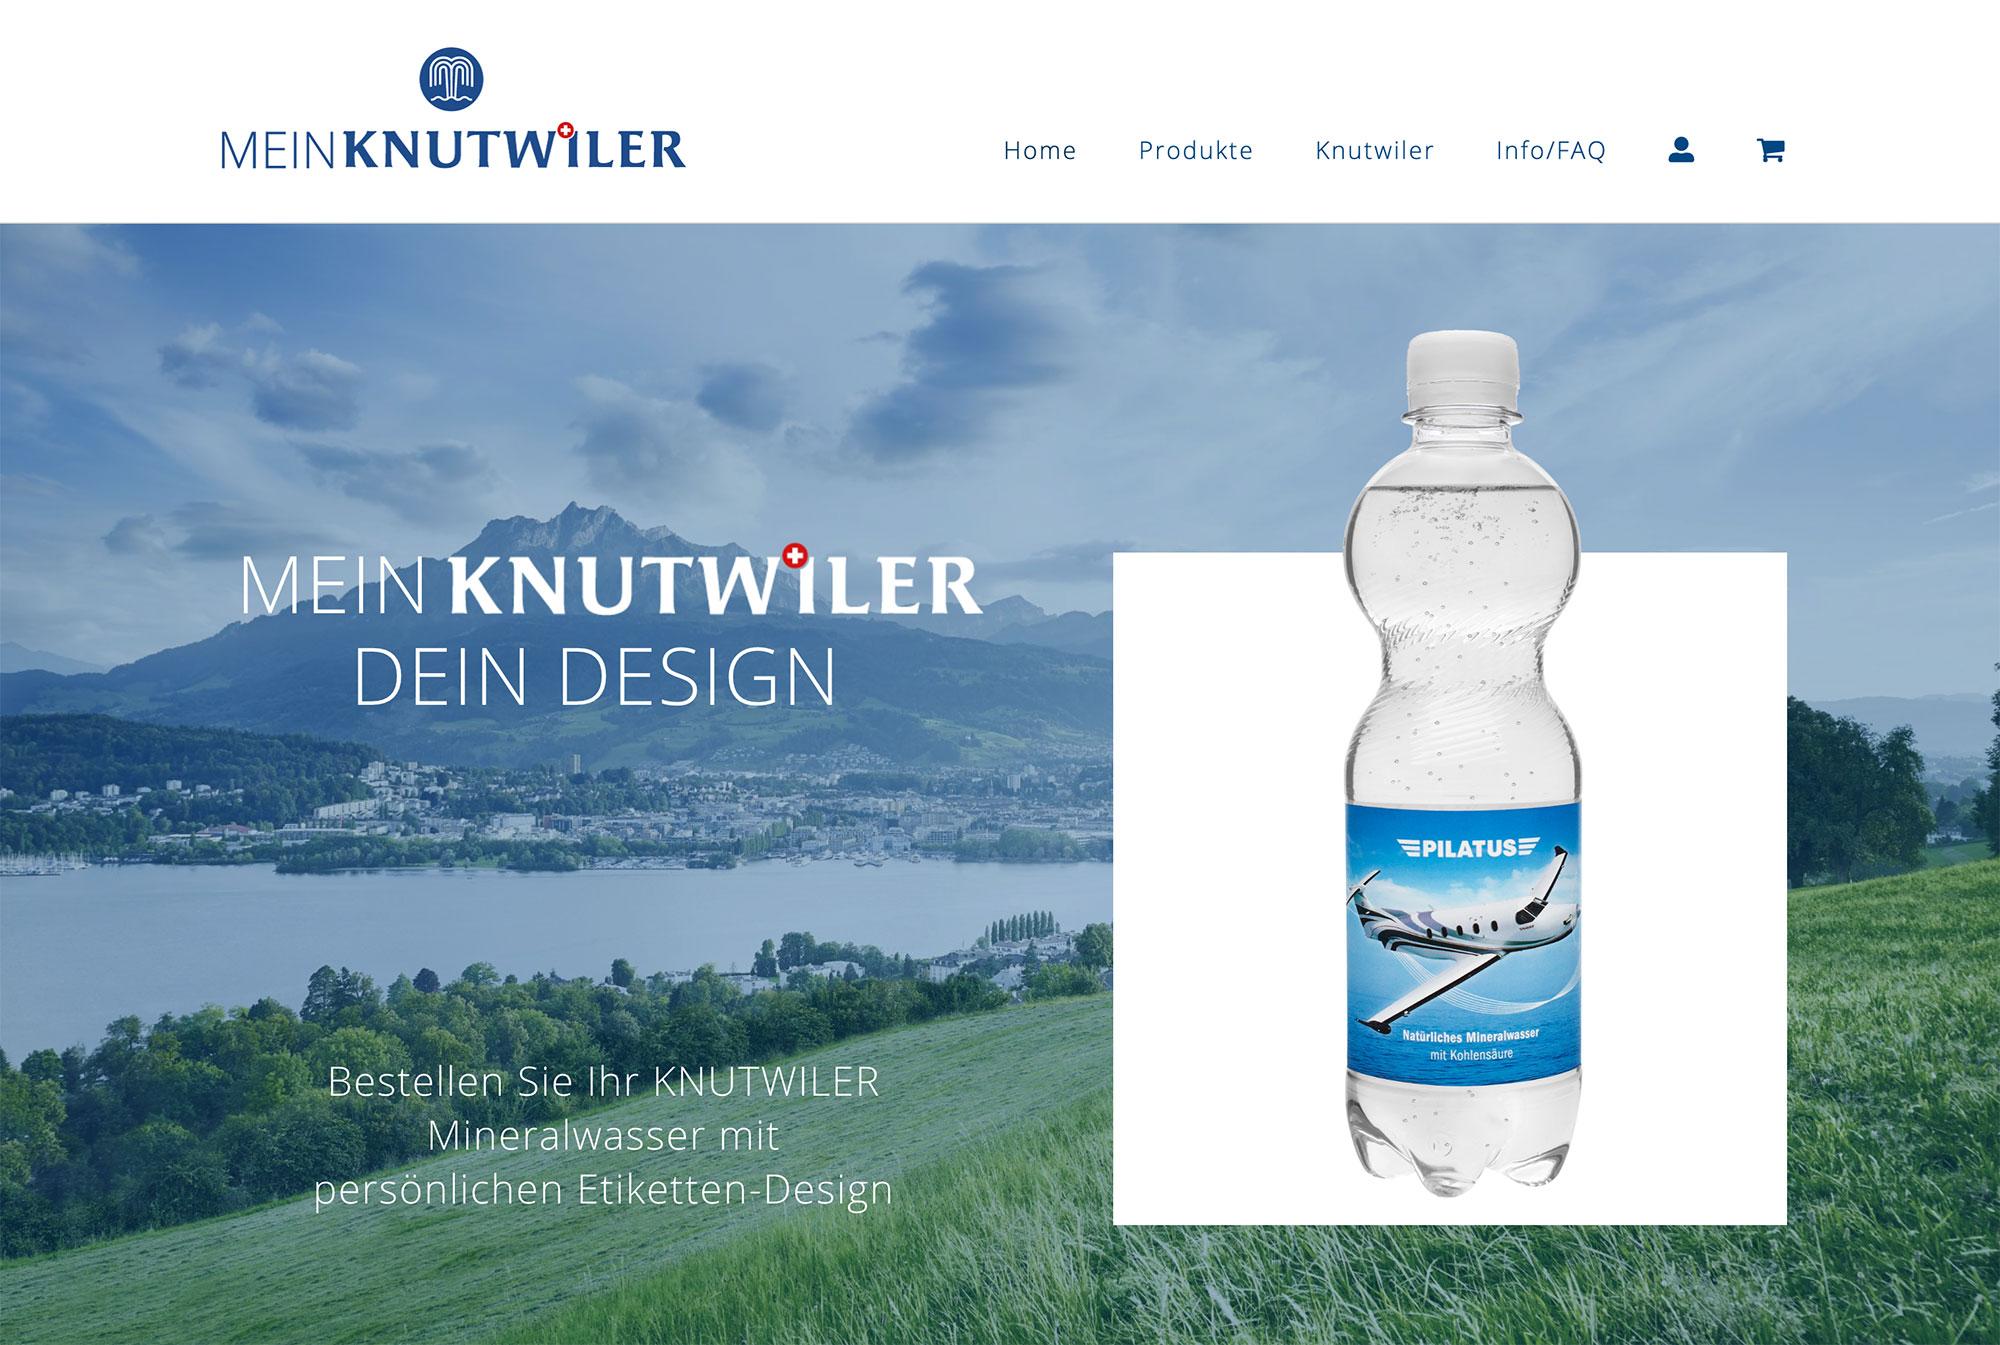 Conseo Portfolio | Mein Knutwiler, Onlineshop